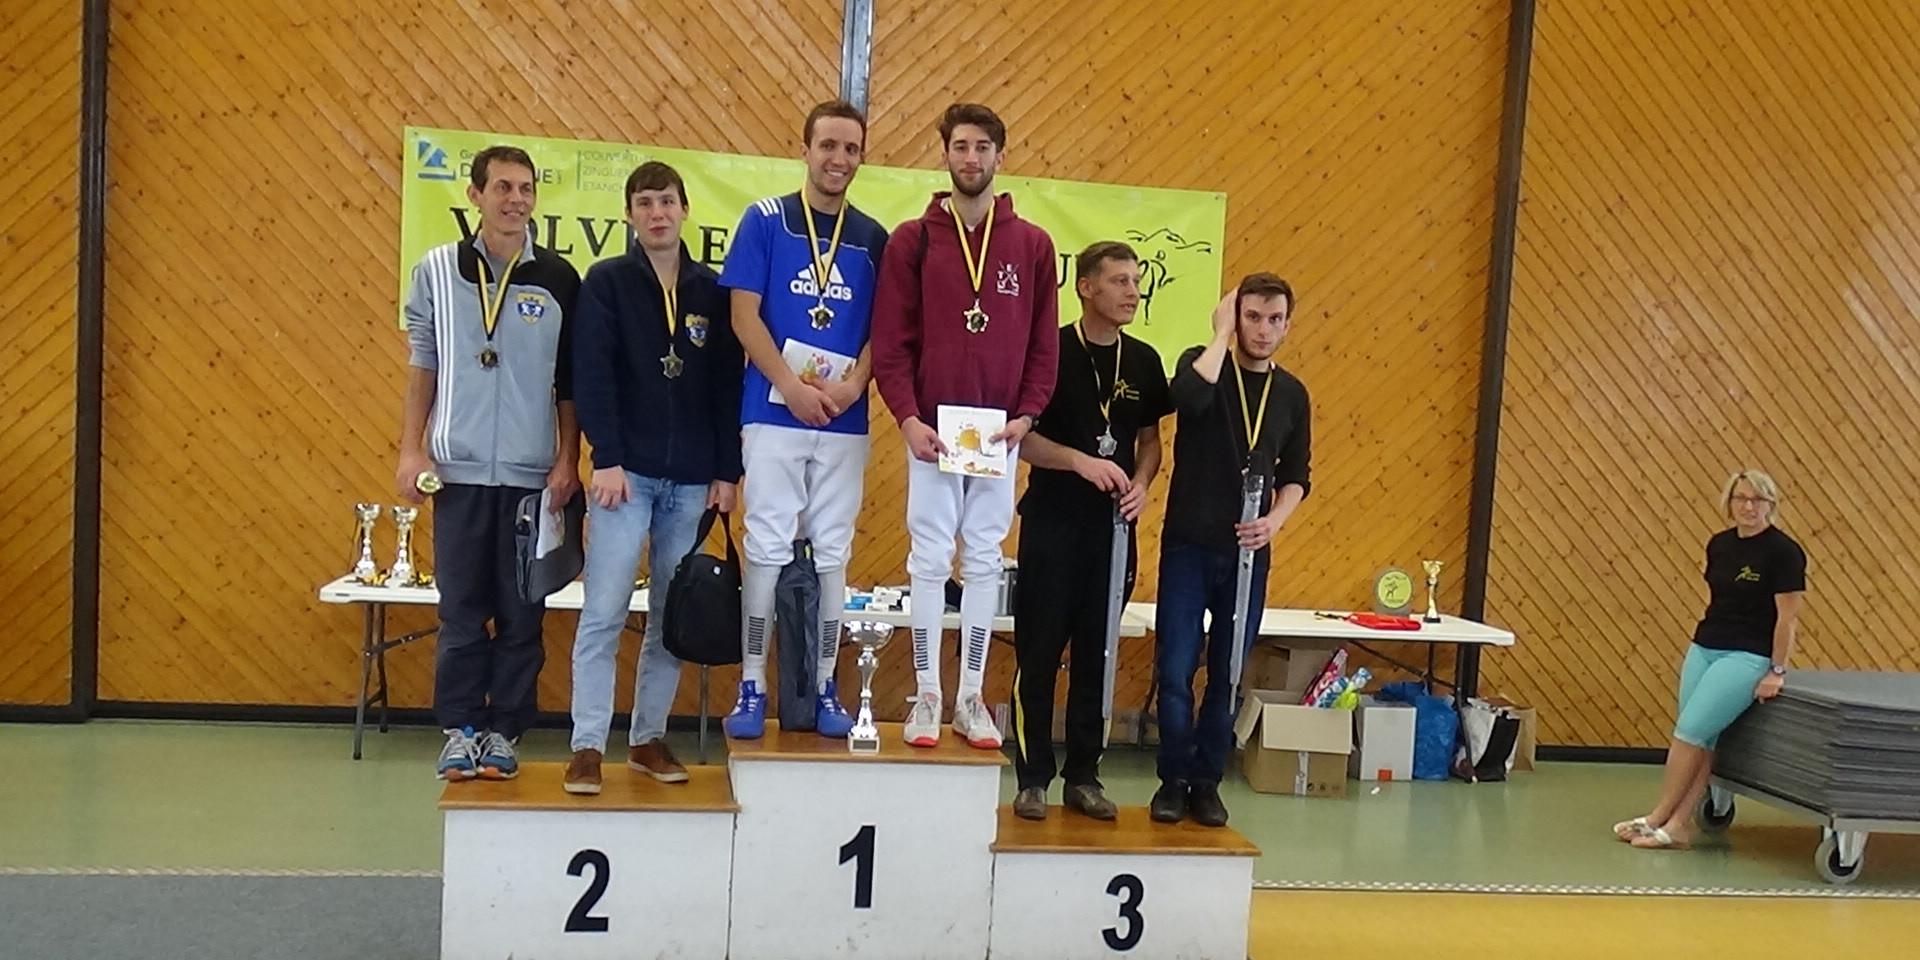 victoire_de_Thibault_et_Julien_par_équip